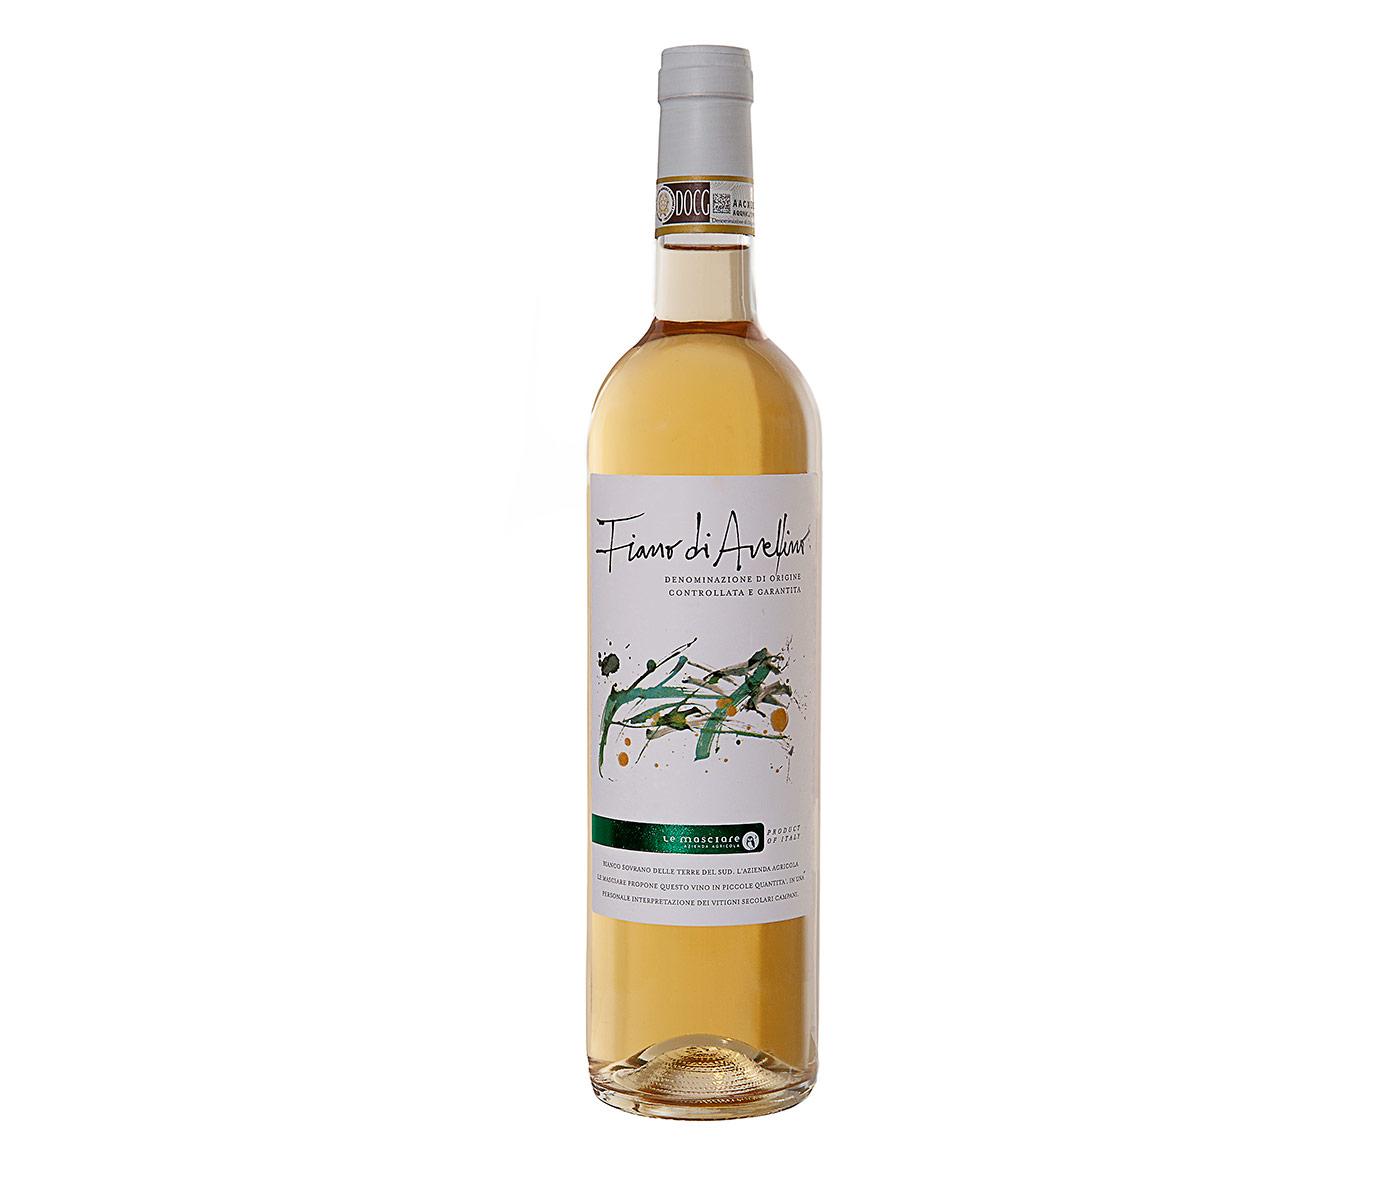 Vino Fiano di Avellino DOCG - Le Masciare